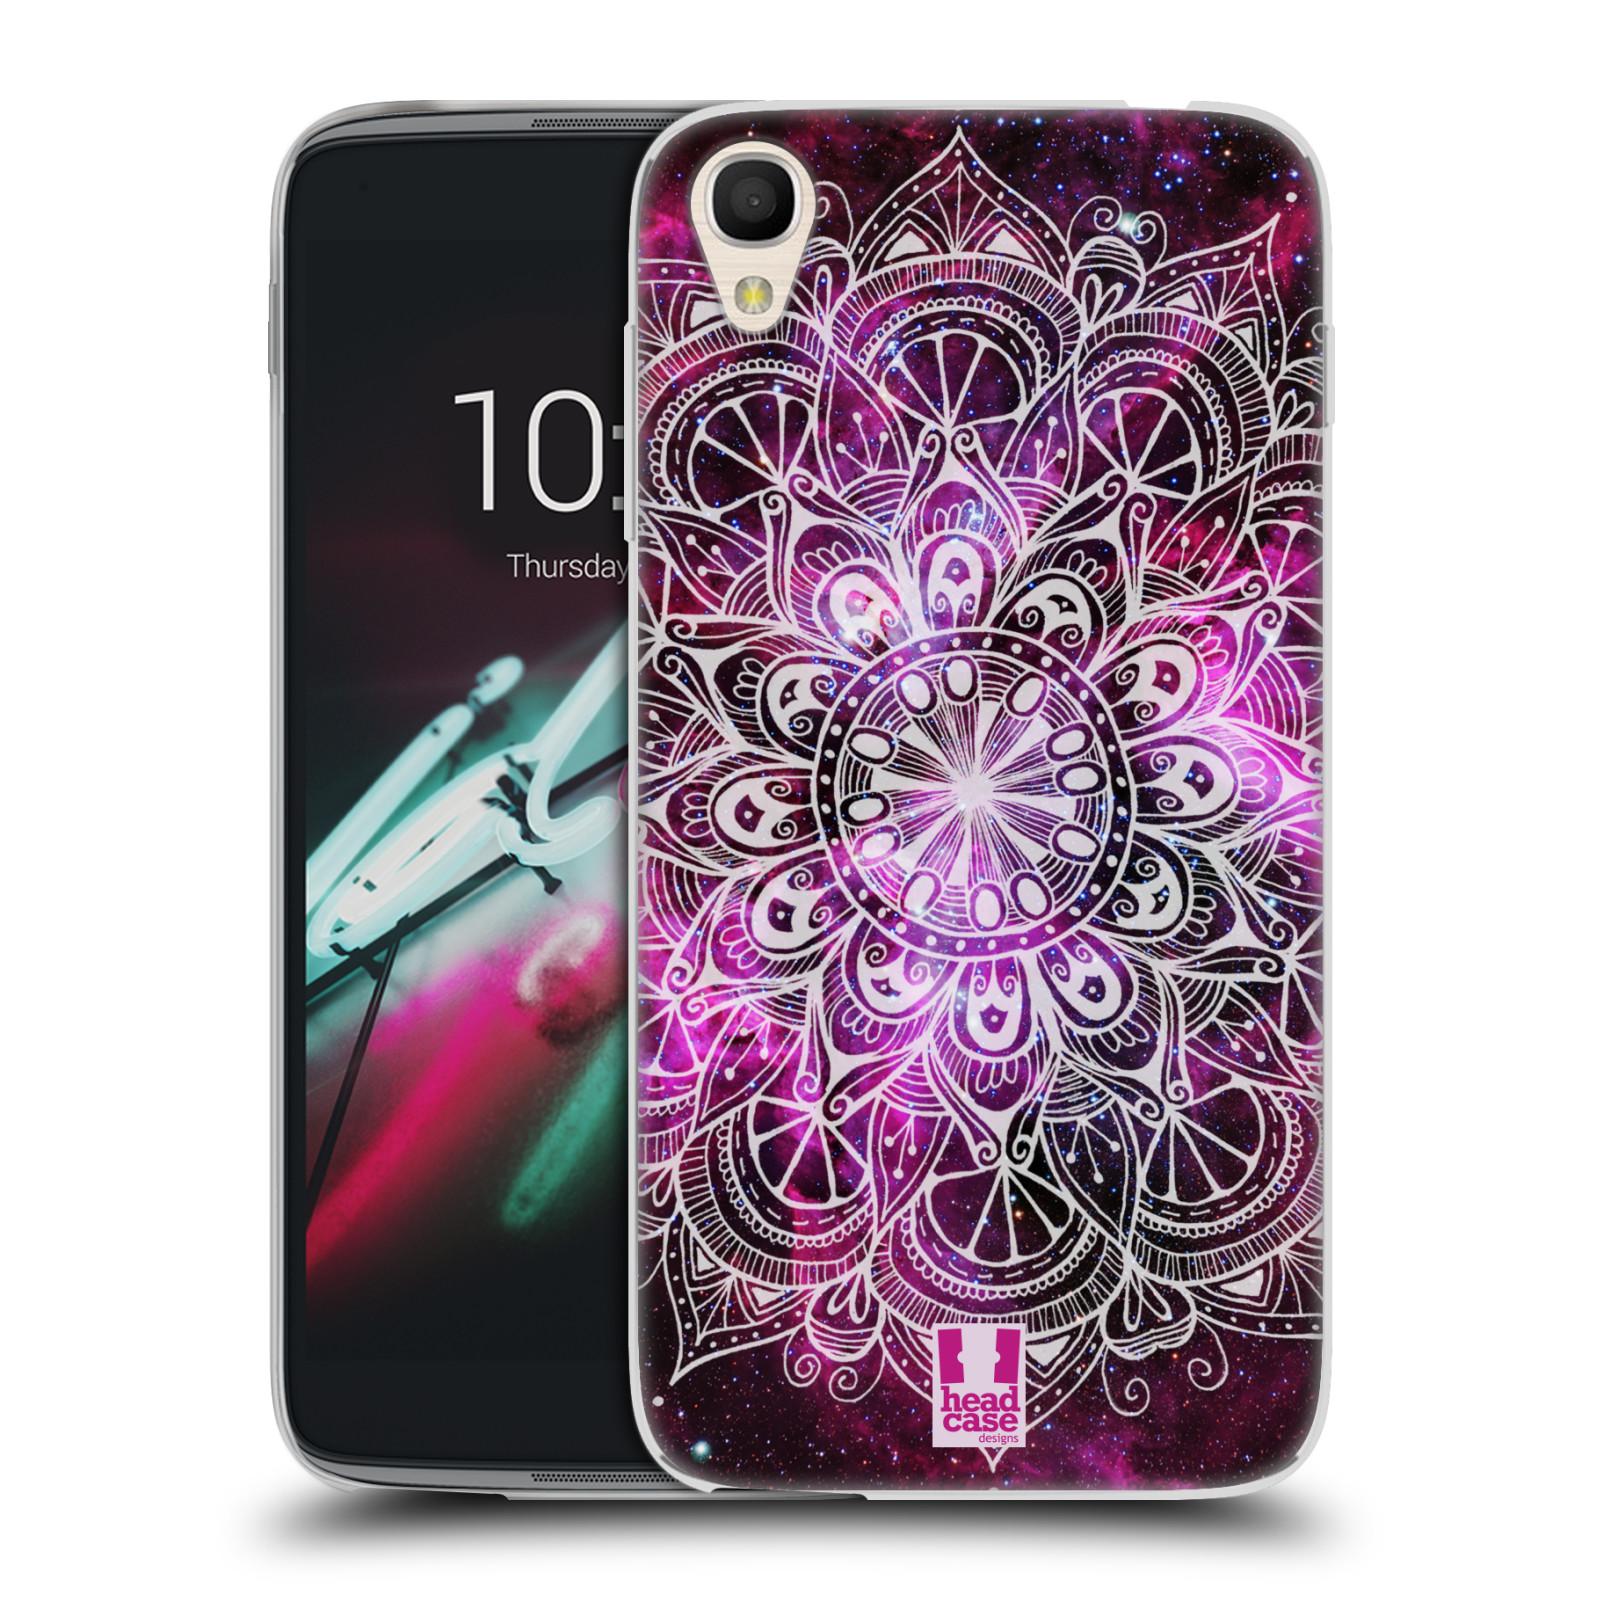 """Silikonové pouzdro na mobil Alcatel One Touch 6039Y Idol 3 HEAD CASE Mandala Doodle Nebula (Silikonový kryt či obal na mobilní telefon Alcatel One Touch Idol 3 OT-6039Y s 4,7"""" displejem)"""